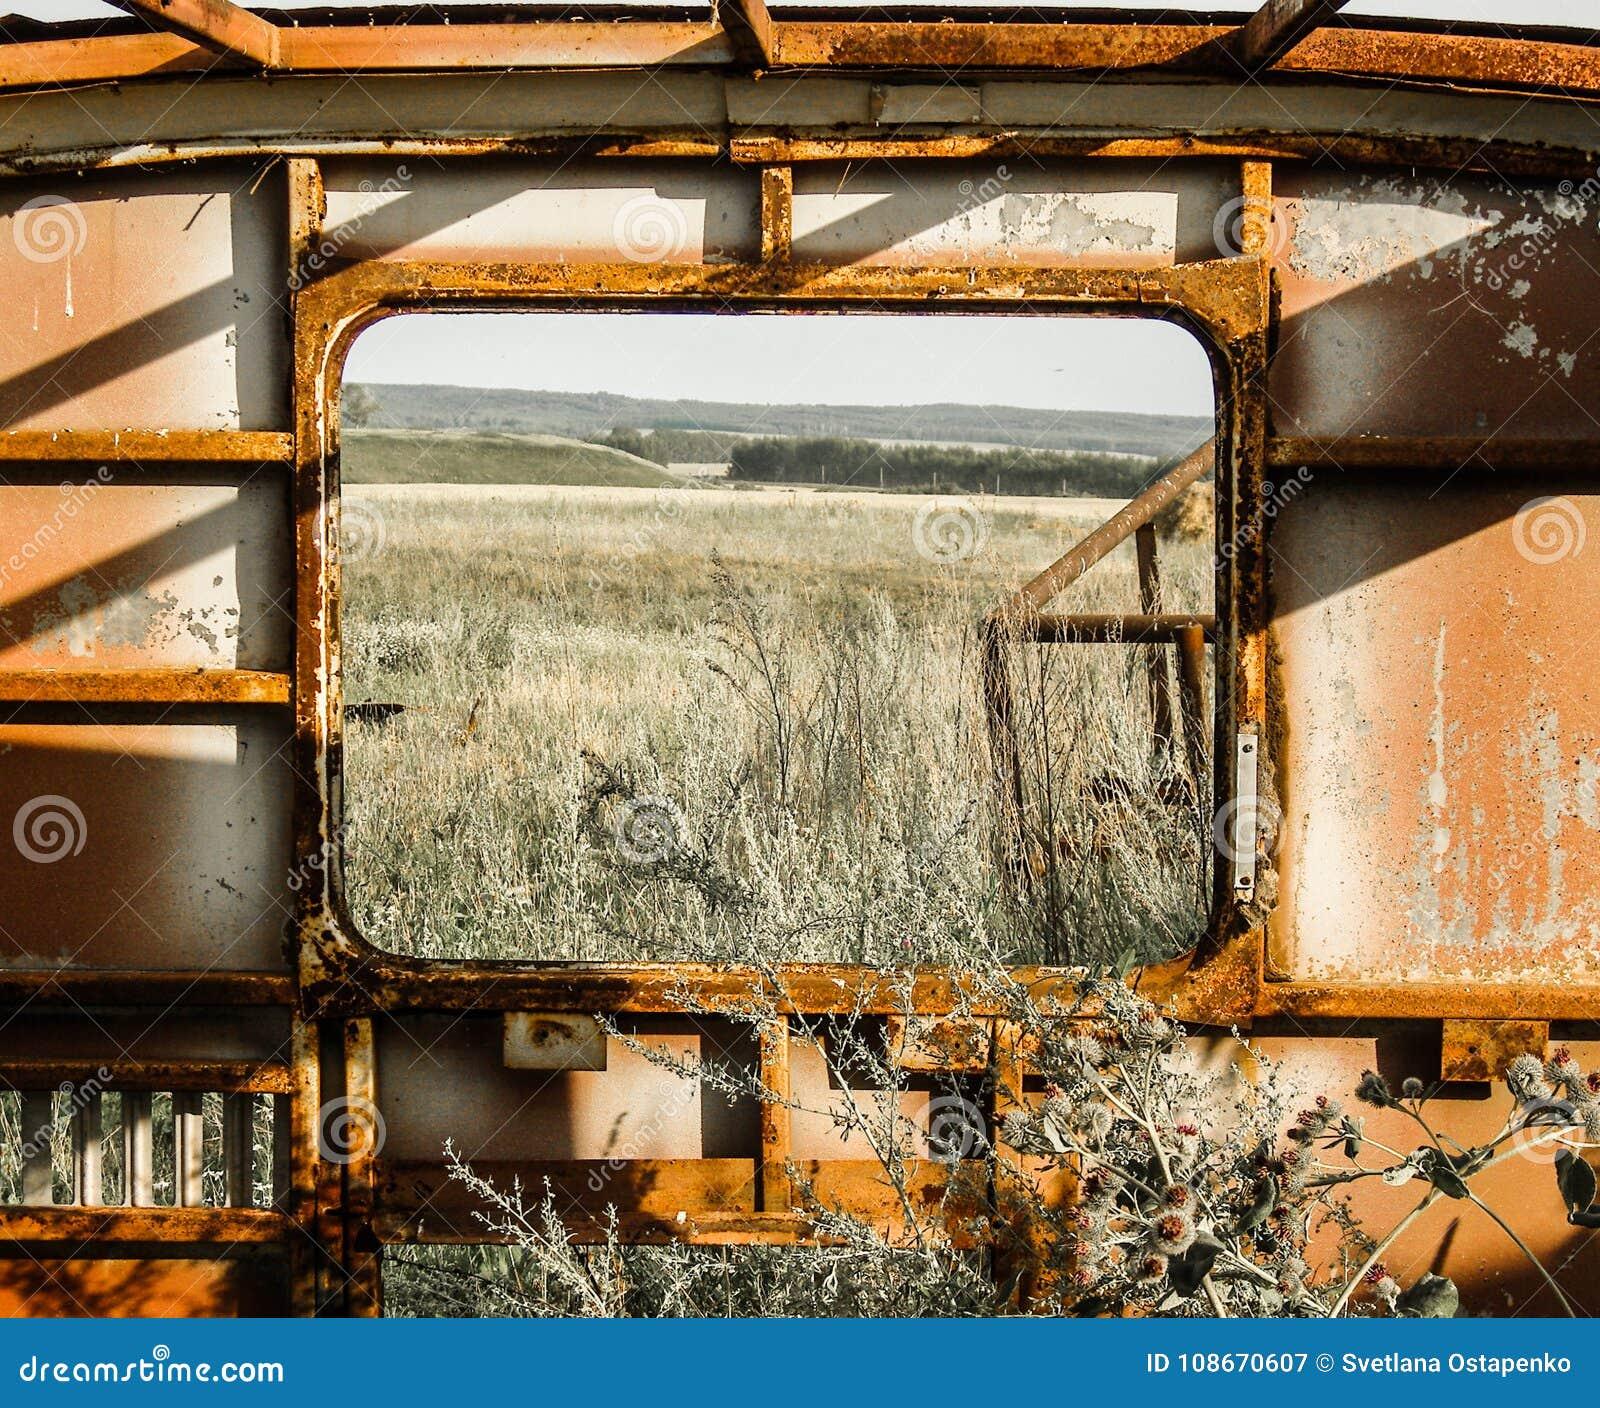 Vista do campo e da floresta através da janela de um ônibus oxidado velho